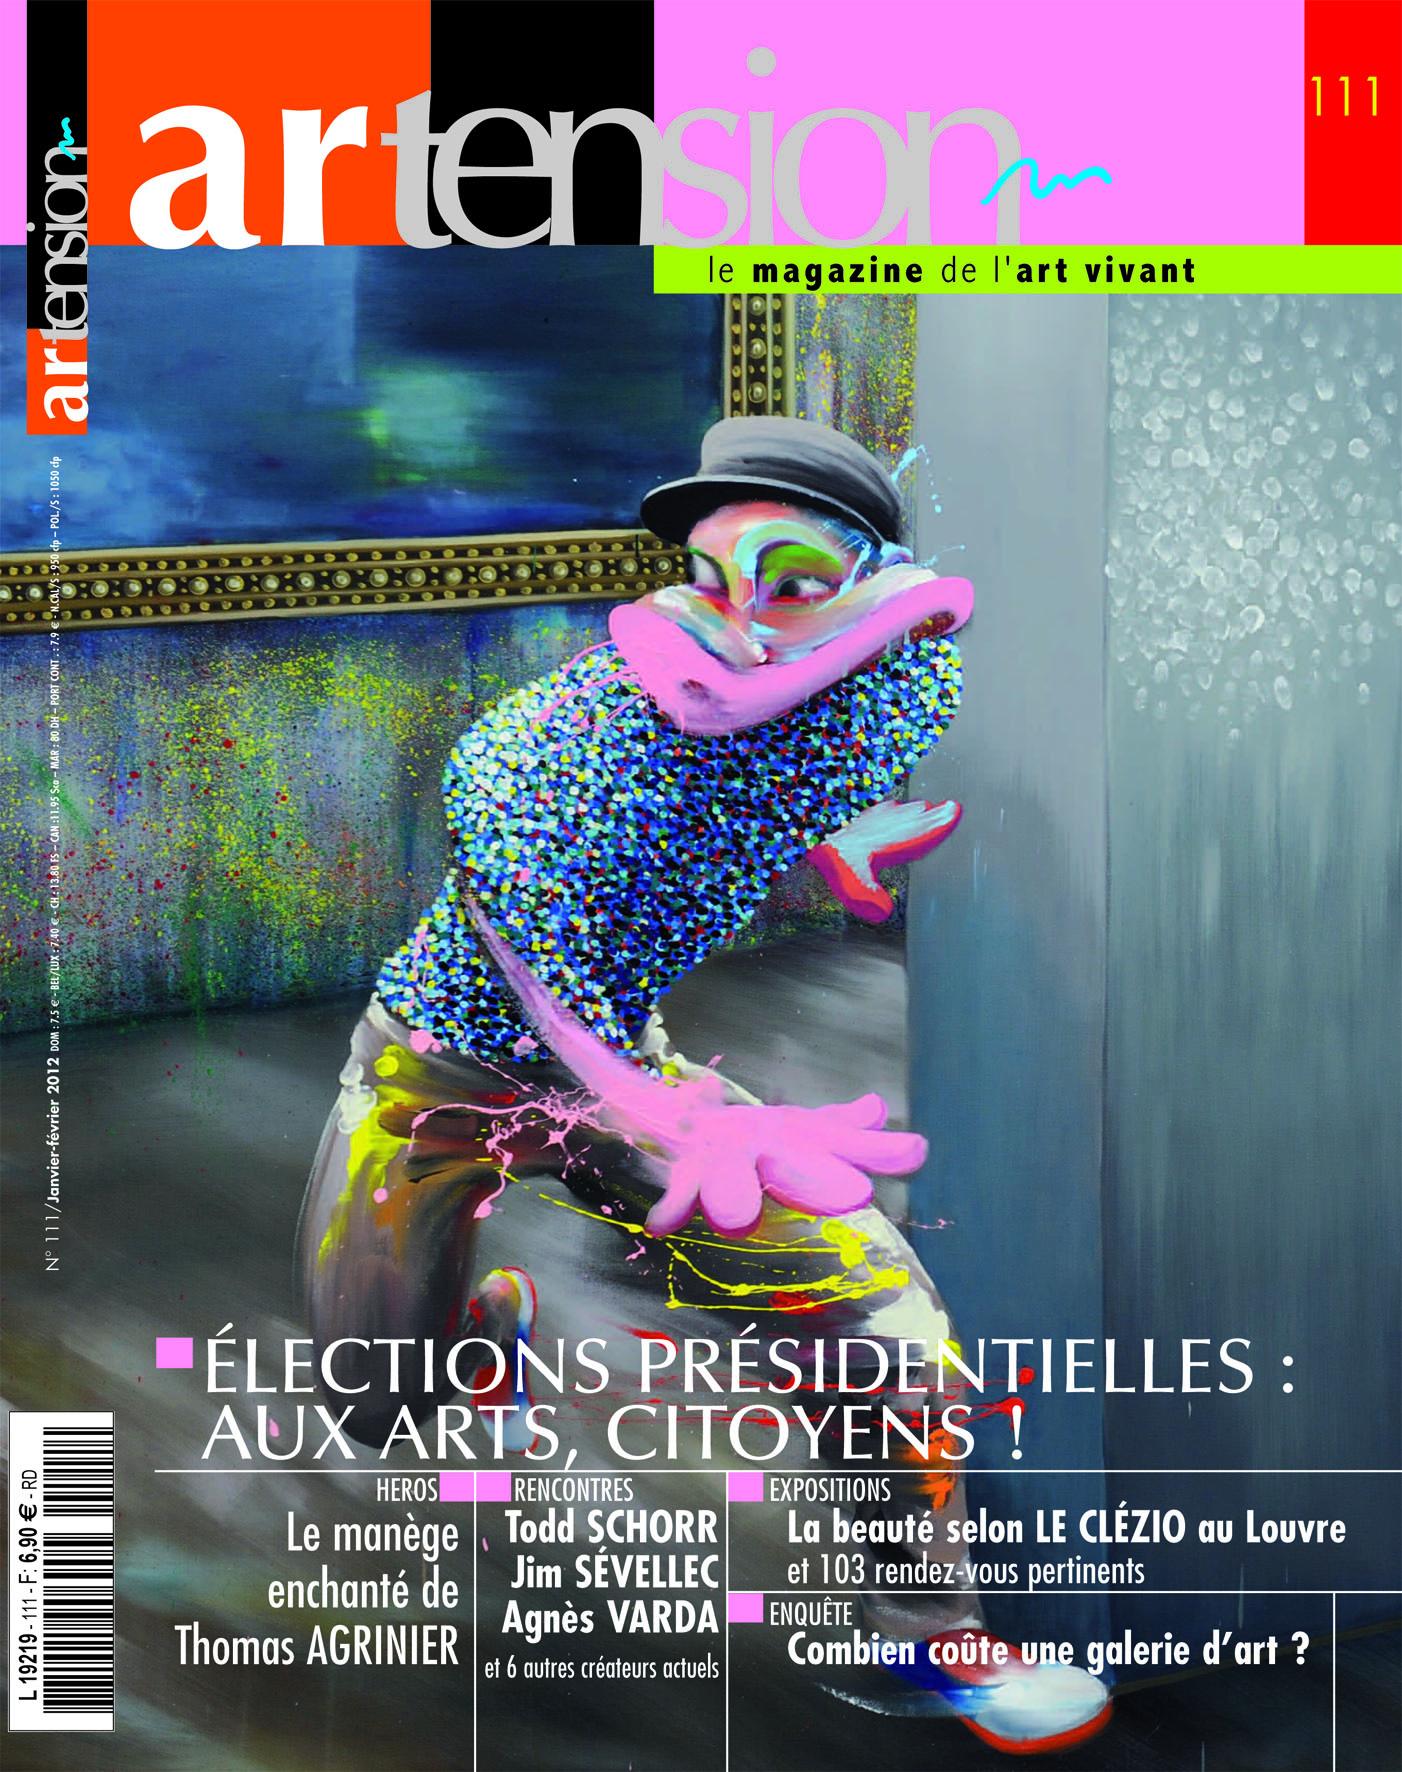 Artension n°111, Janvier-Février 2012